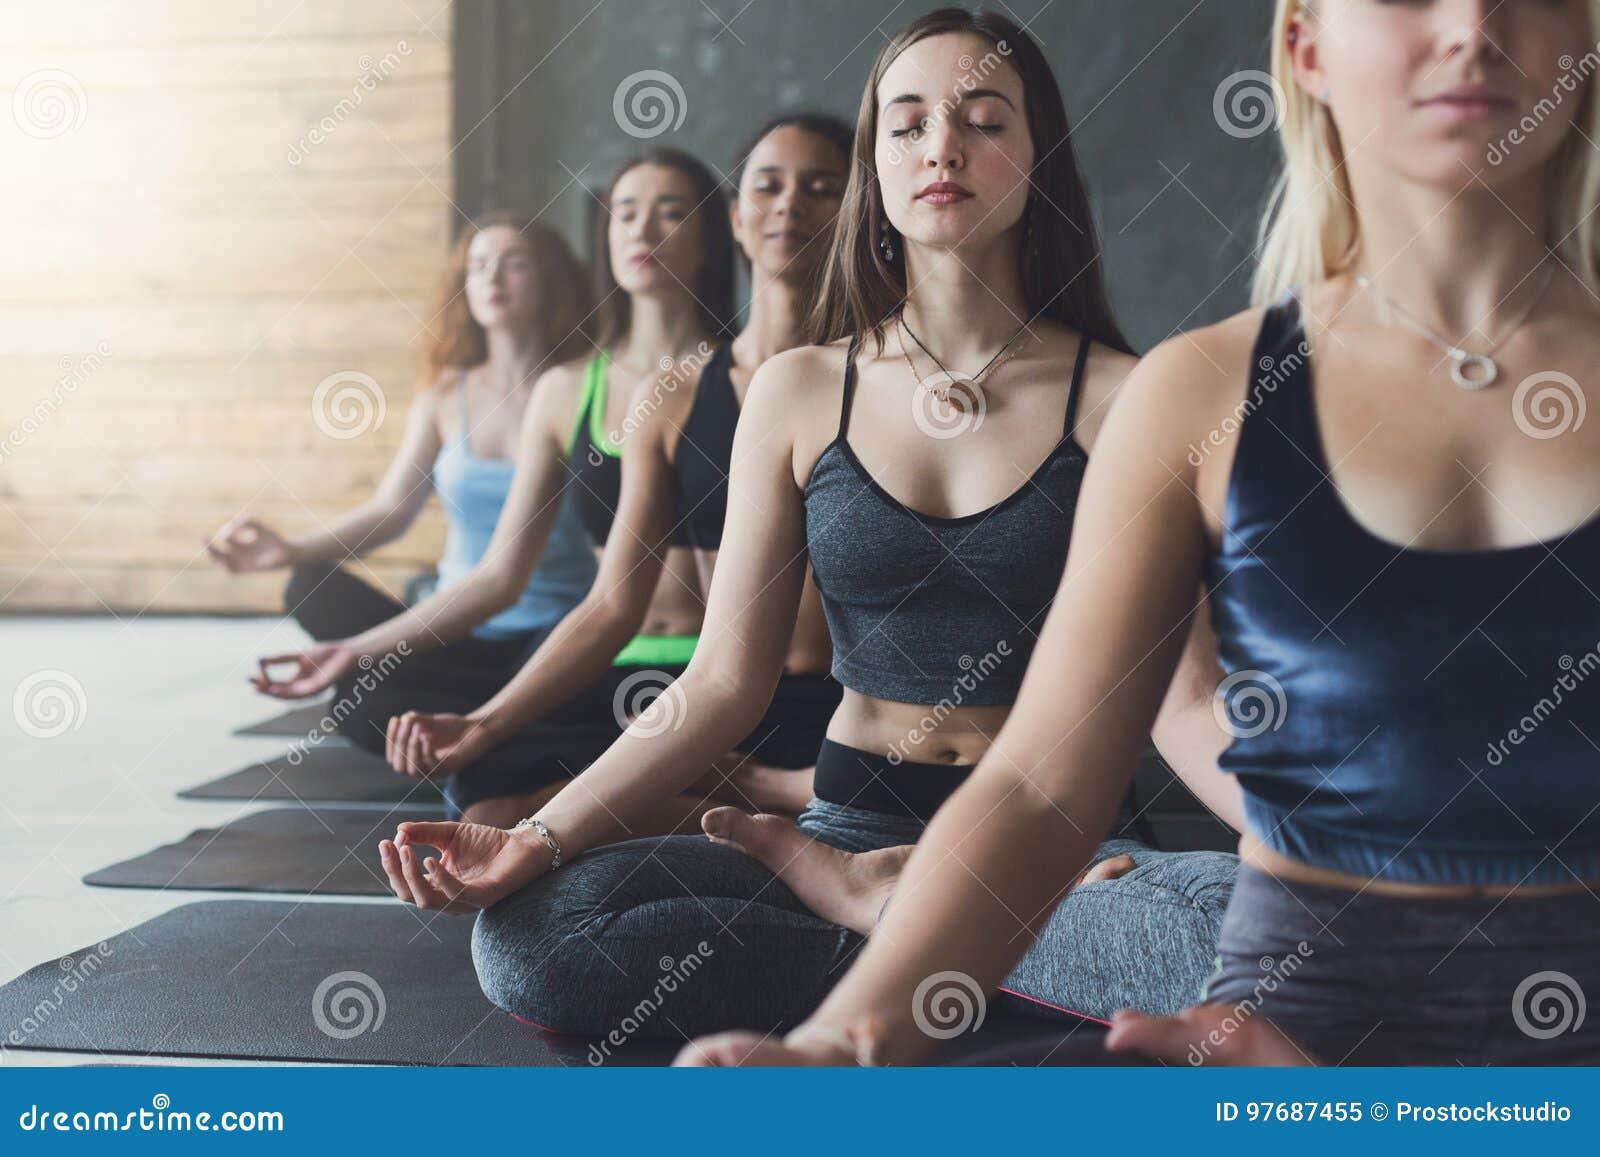 Las mujeres jovenes en yoga clasifican, relajan actitud de la meditación